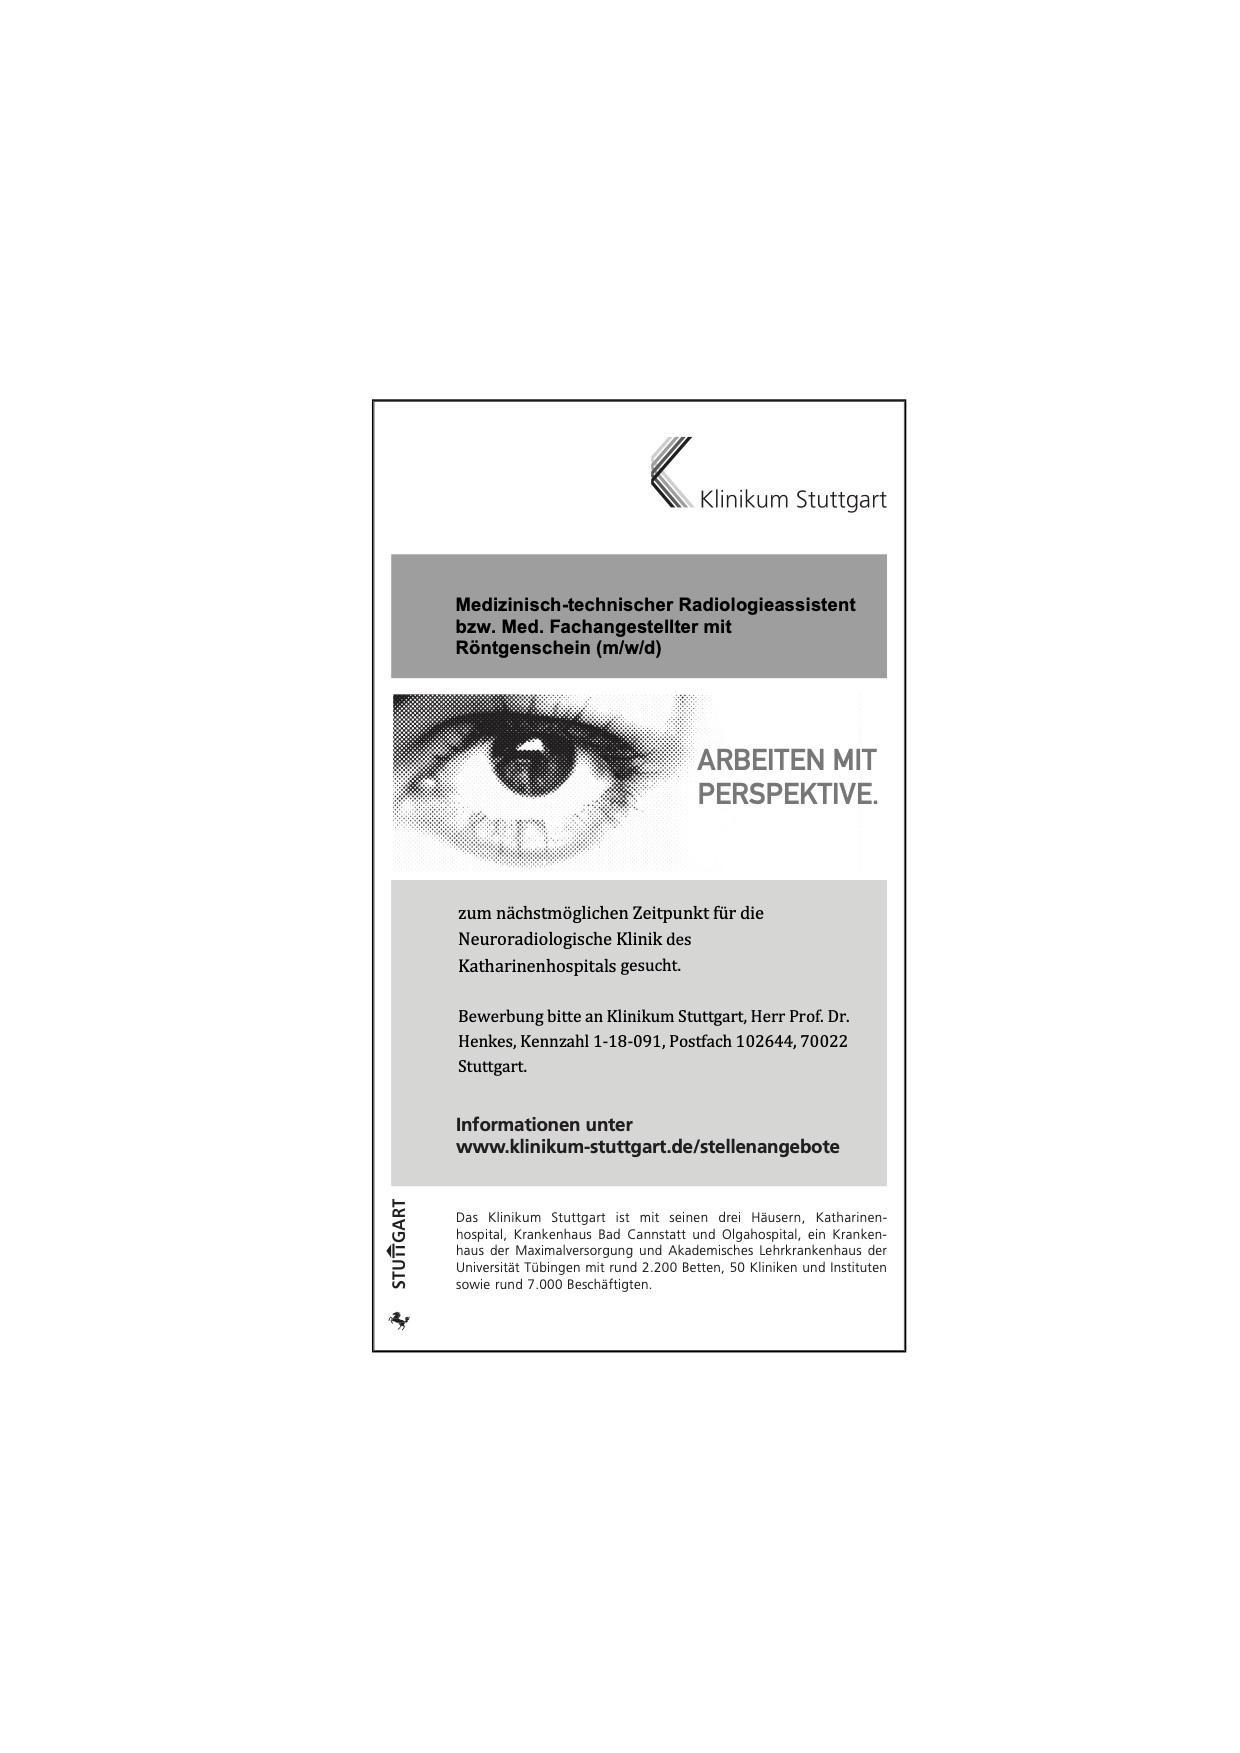 Medizinisch-technischer Radiologieassistent bzw. Med. Fachangestellter mit Röntgenschein (m/w/d)